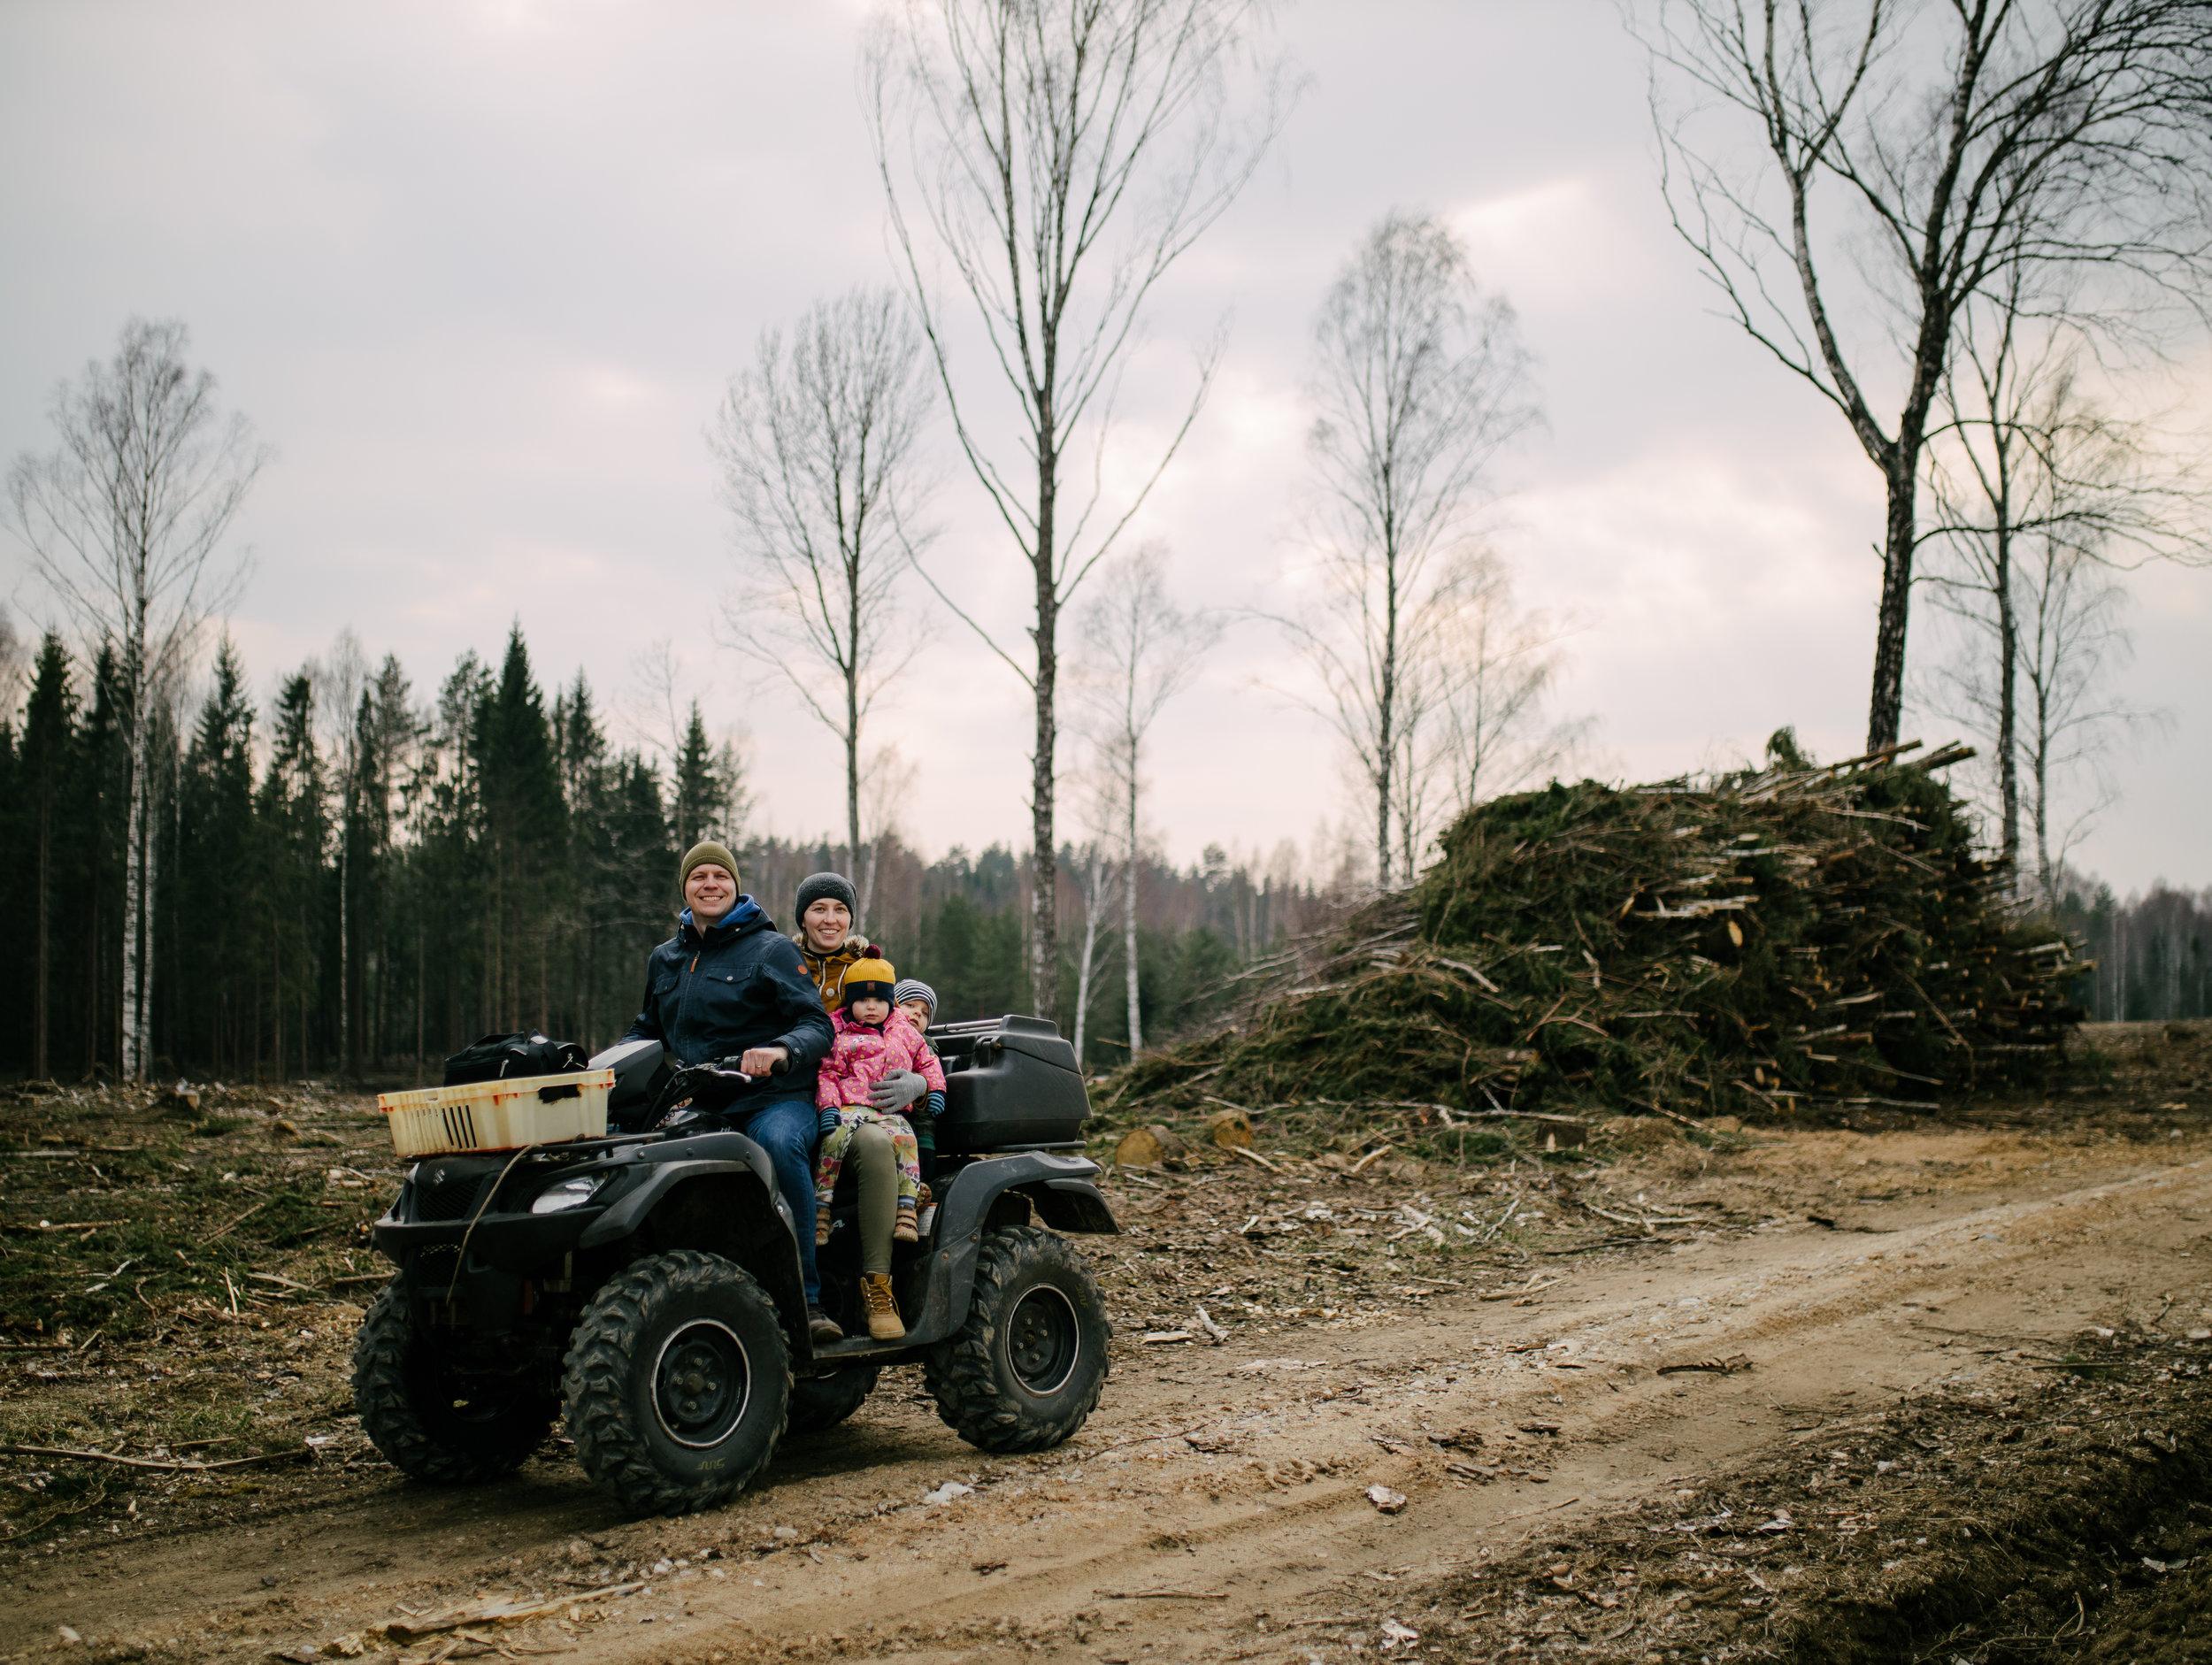 Koruste, Tartumaa, Estonia, April 2019